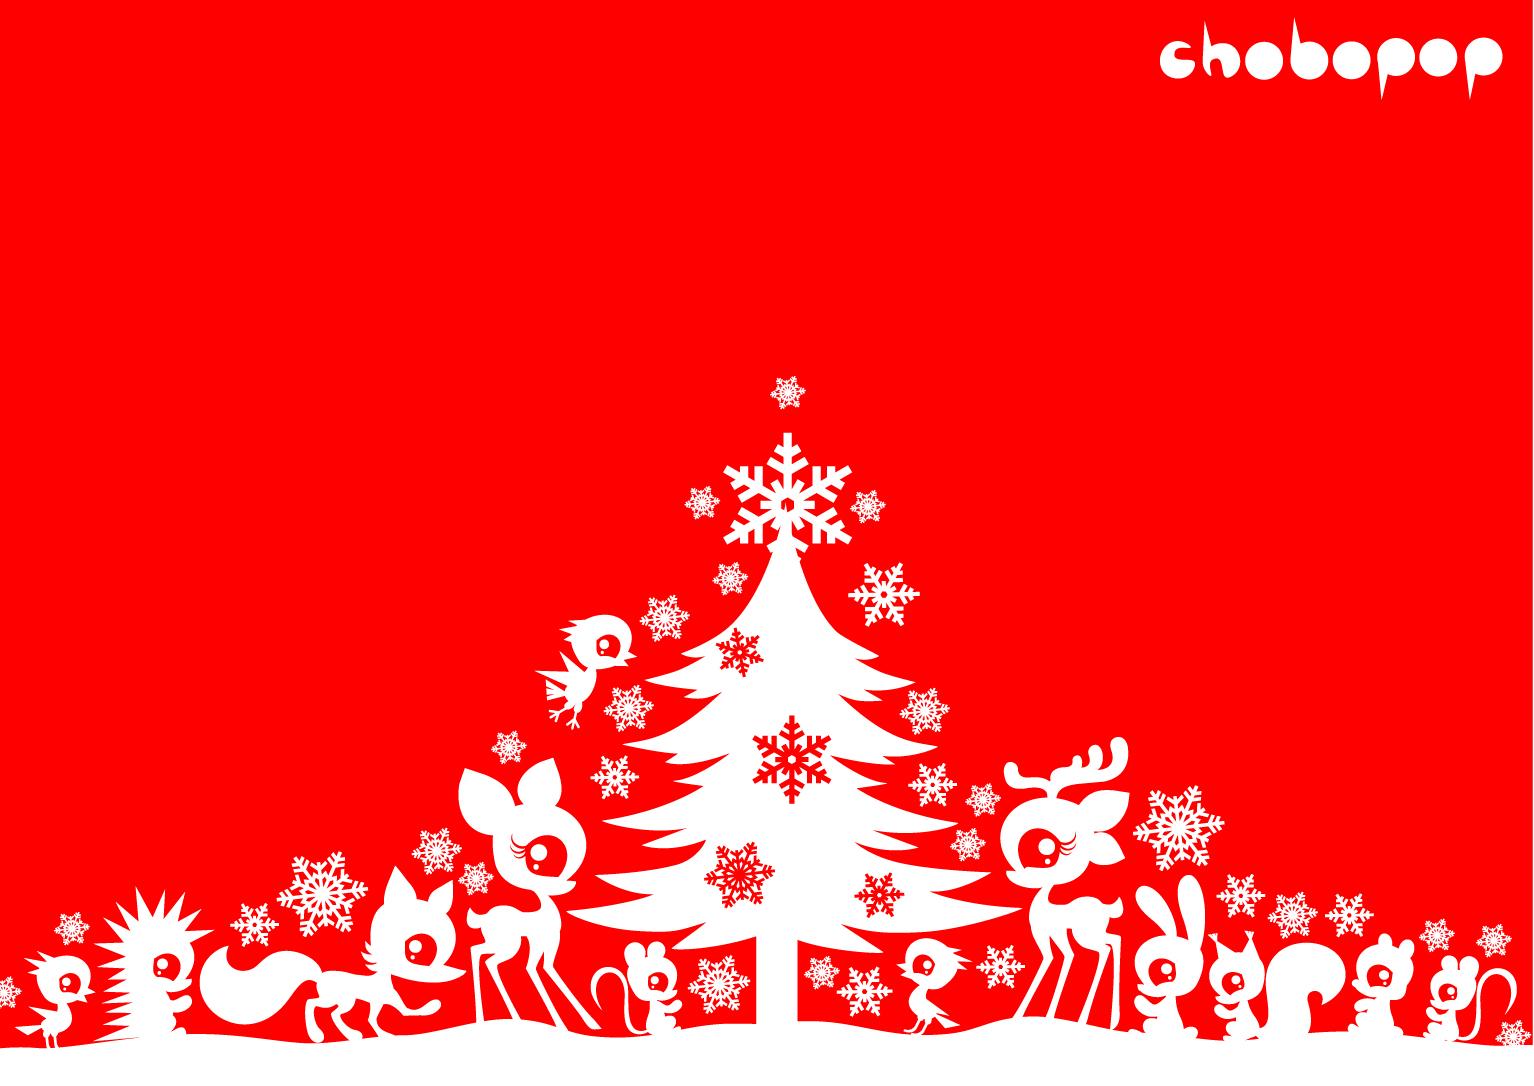 デスクトップ壁紙 図 鹿 赤 冬 テキスト 季節 スプルース クリスマスツリー ベクター モミ ノエル 針葉樹 雪片 木 エリア 可愛い ポイント ウサギ ナビダッド ライン 壁紙 メリー 装飾 フェリズ グラフィックス カード 黒と白 クリスマスの